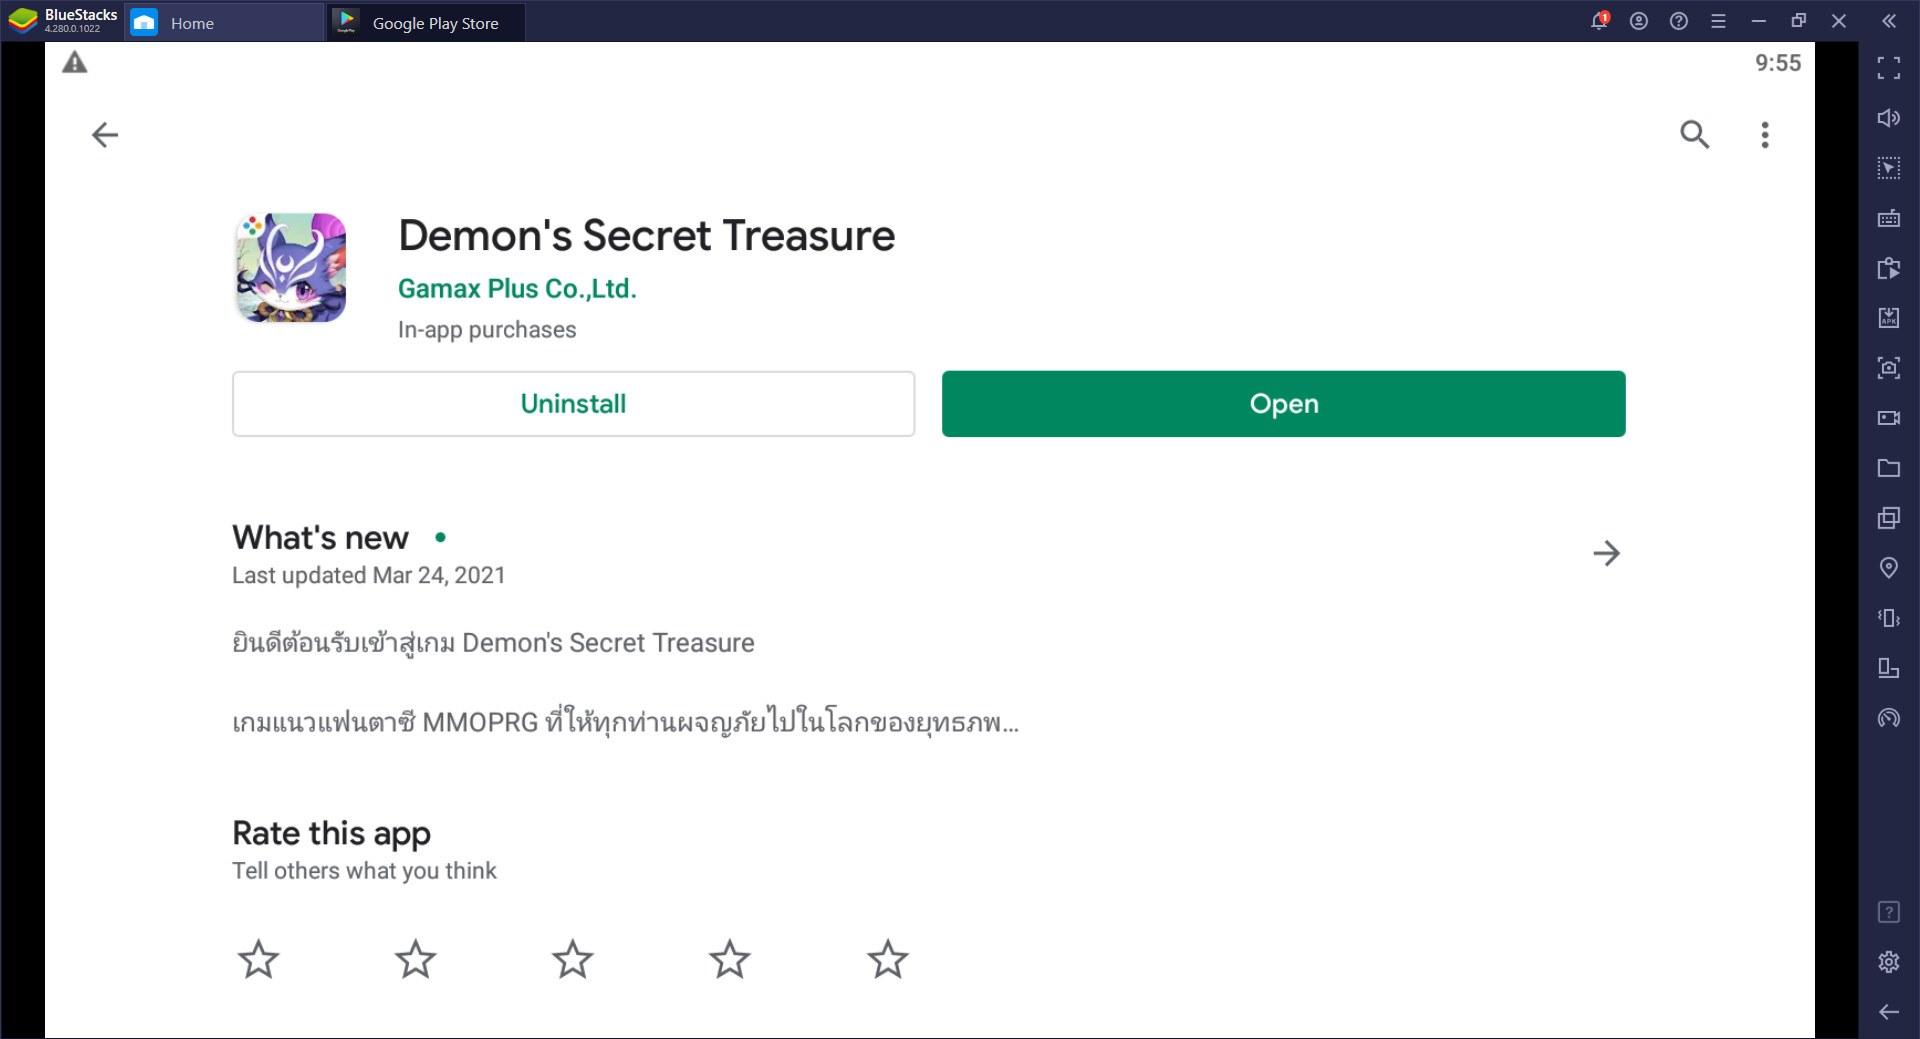 วิธีติดตั้ง Demon's Secret Treasure บน PC และ Mac ผ่าน Bluestacks